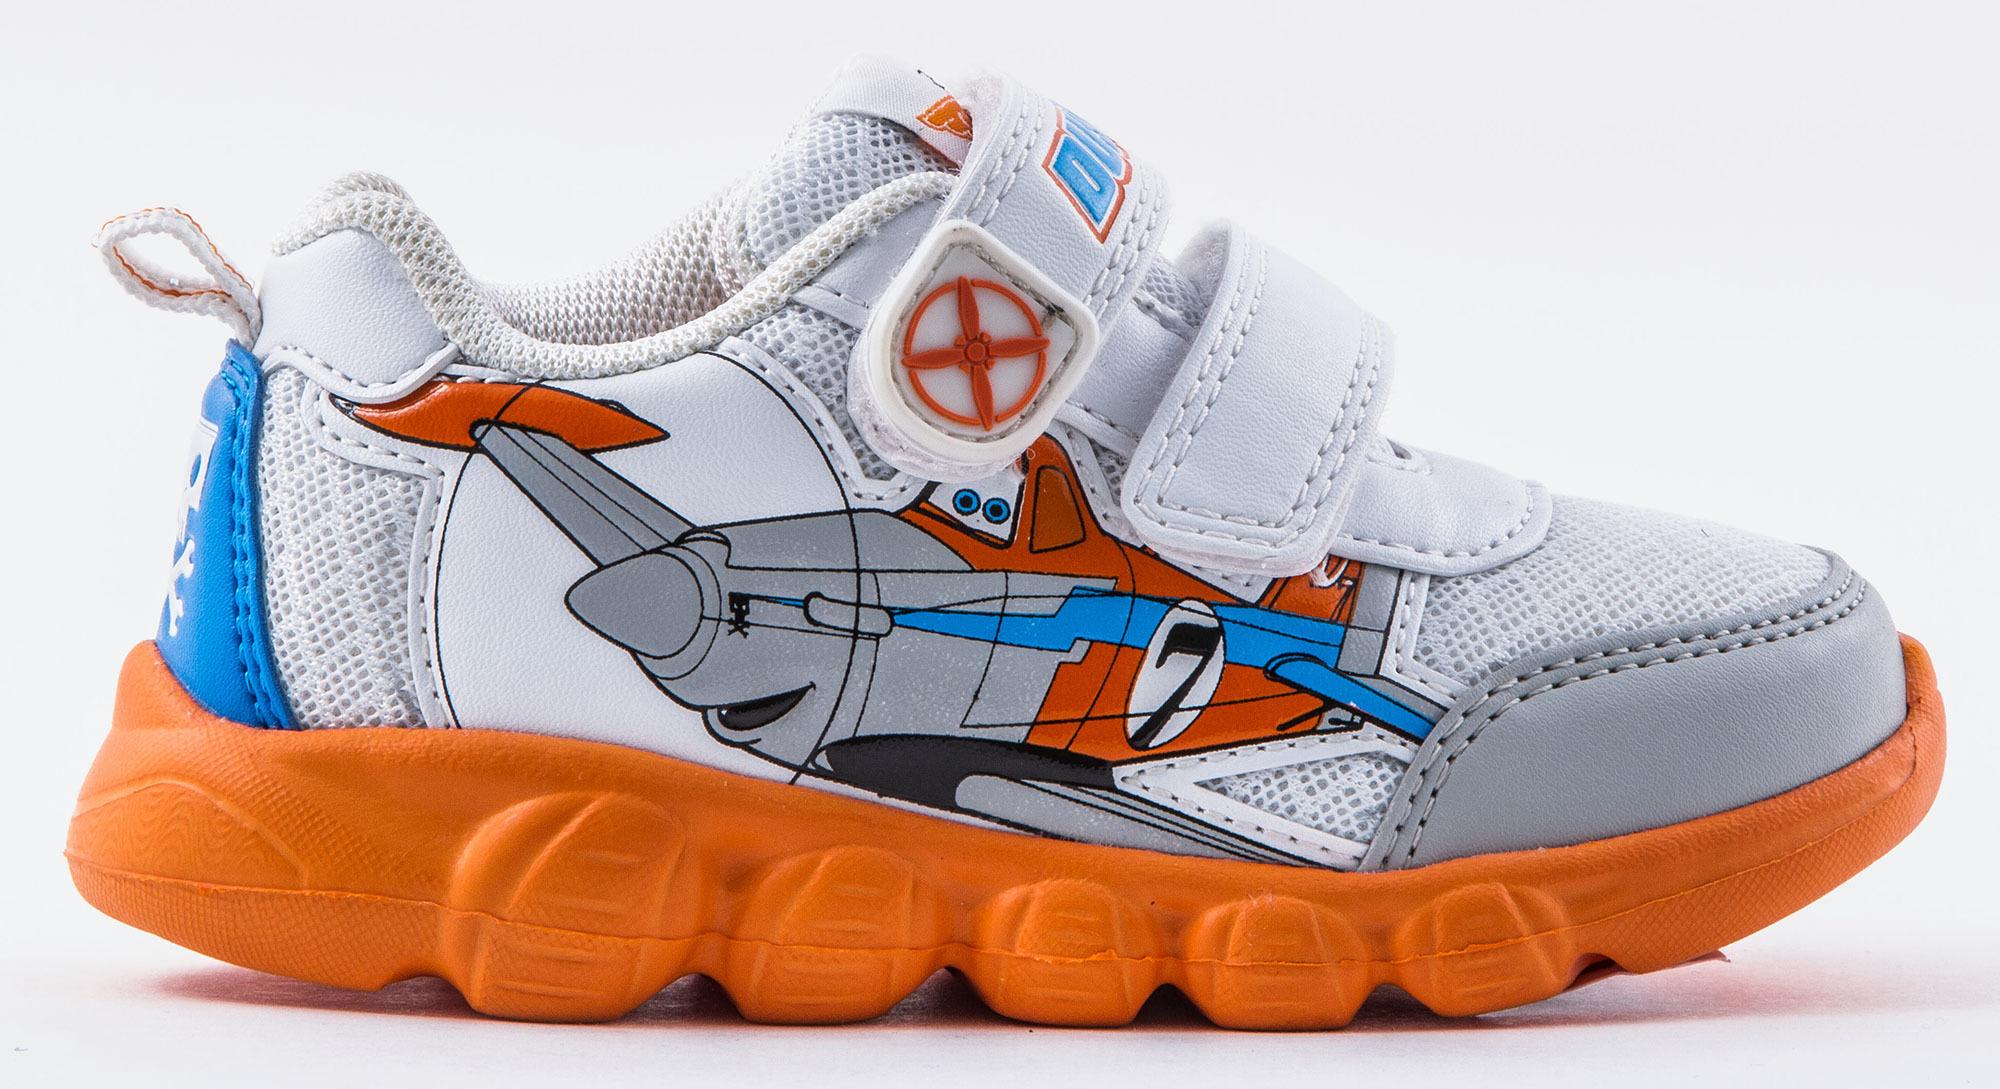 Кроссовки Самолеты (Planes) на липучках для мальчиков, цвет белый оранжевый